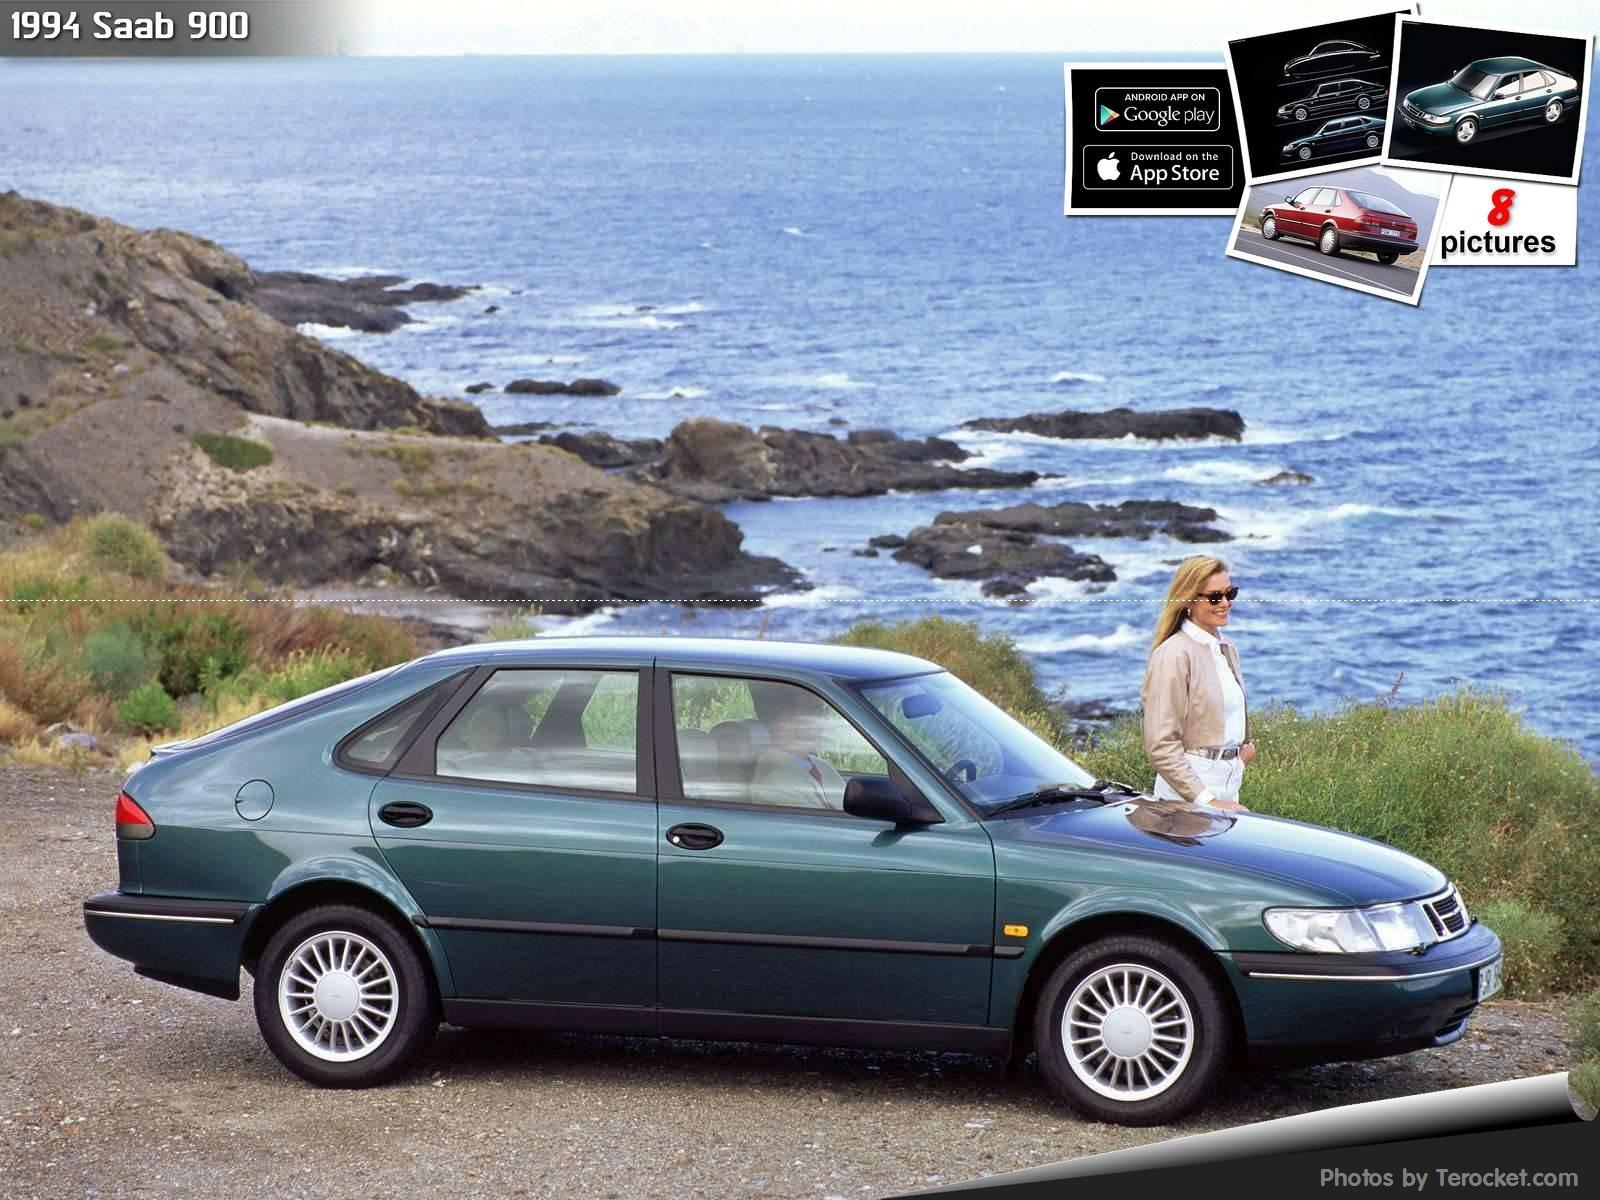 Hình ảnh xe ô tô Saab 900 1994 & nội ngoại thất